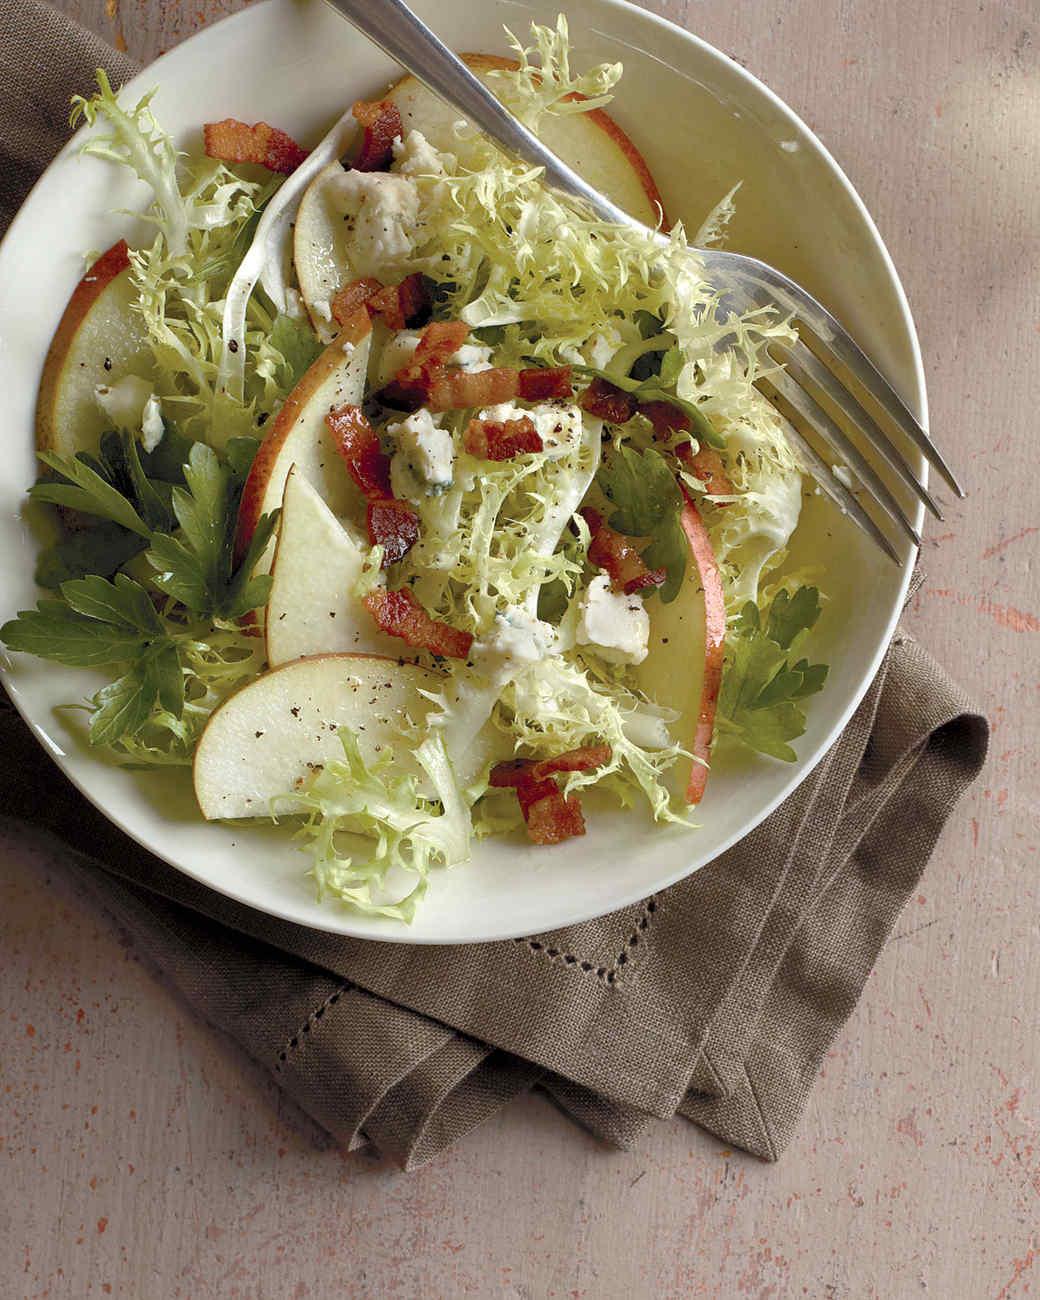 pear-frisee-salad-med107508.jpg